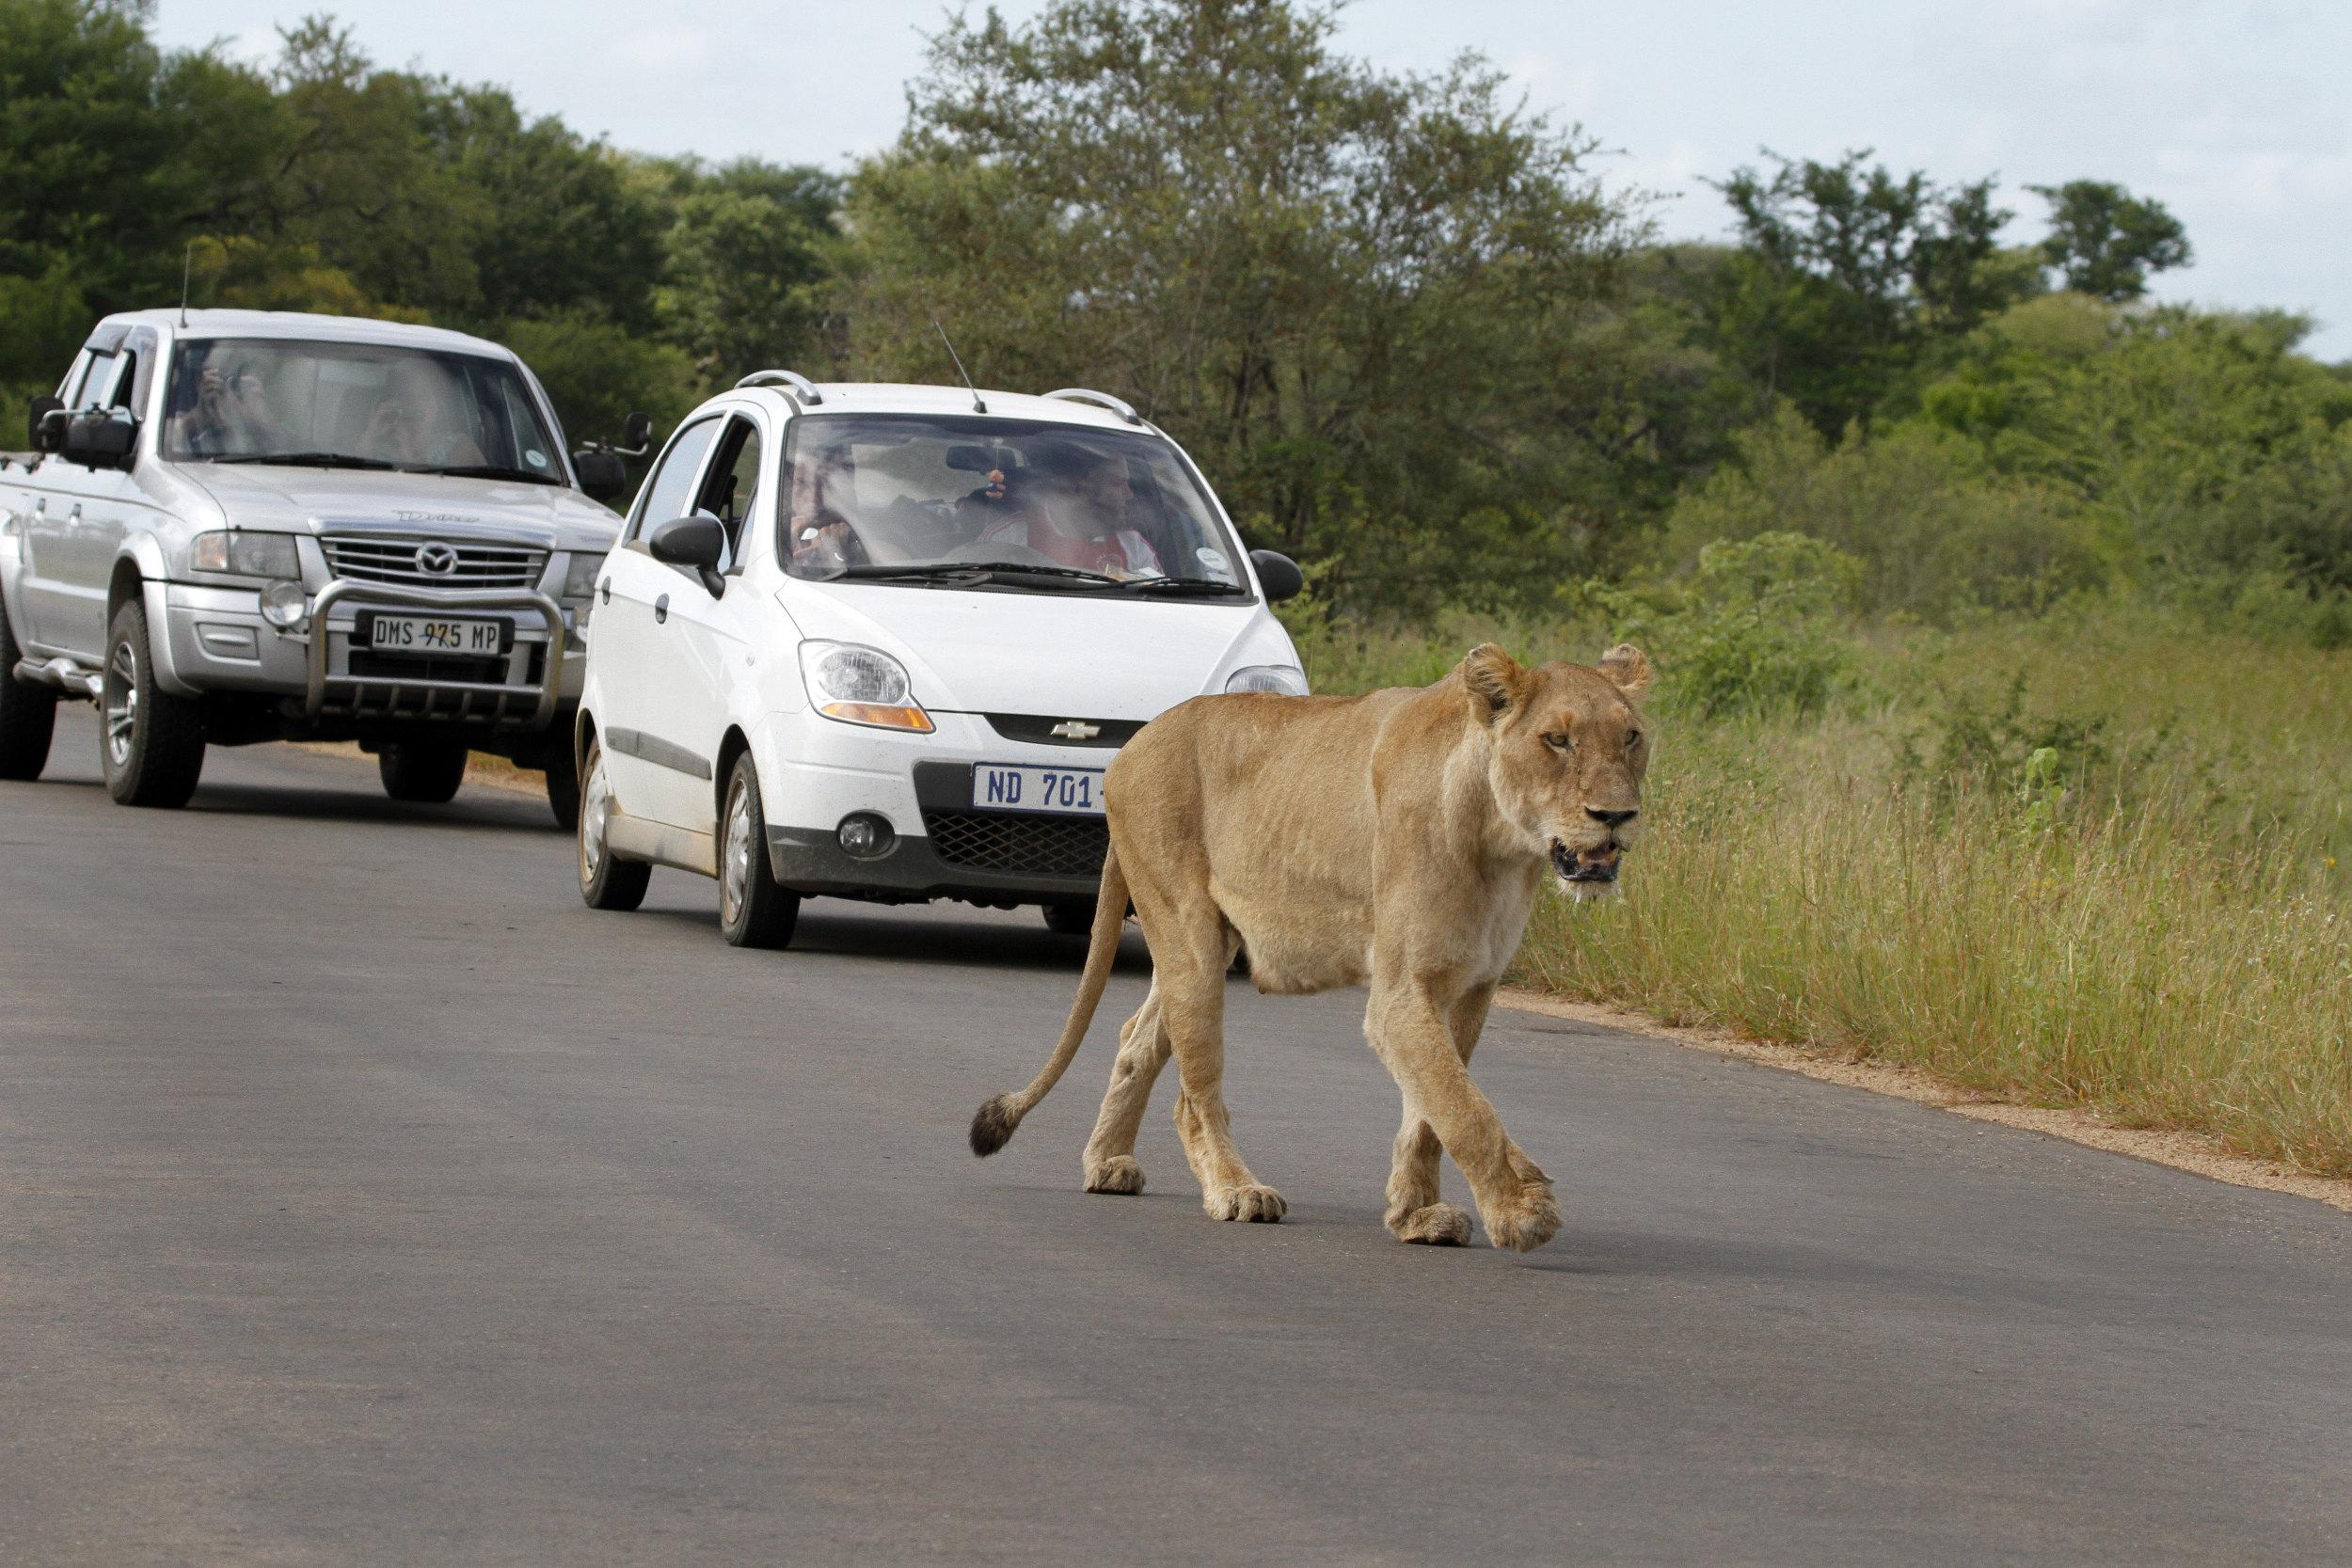 afrika wilde dieren